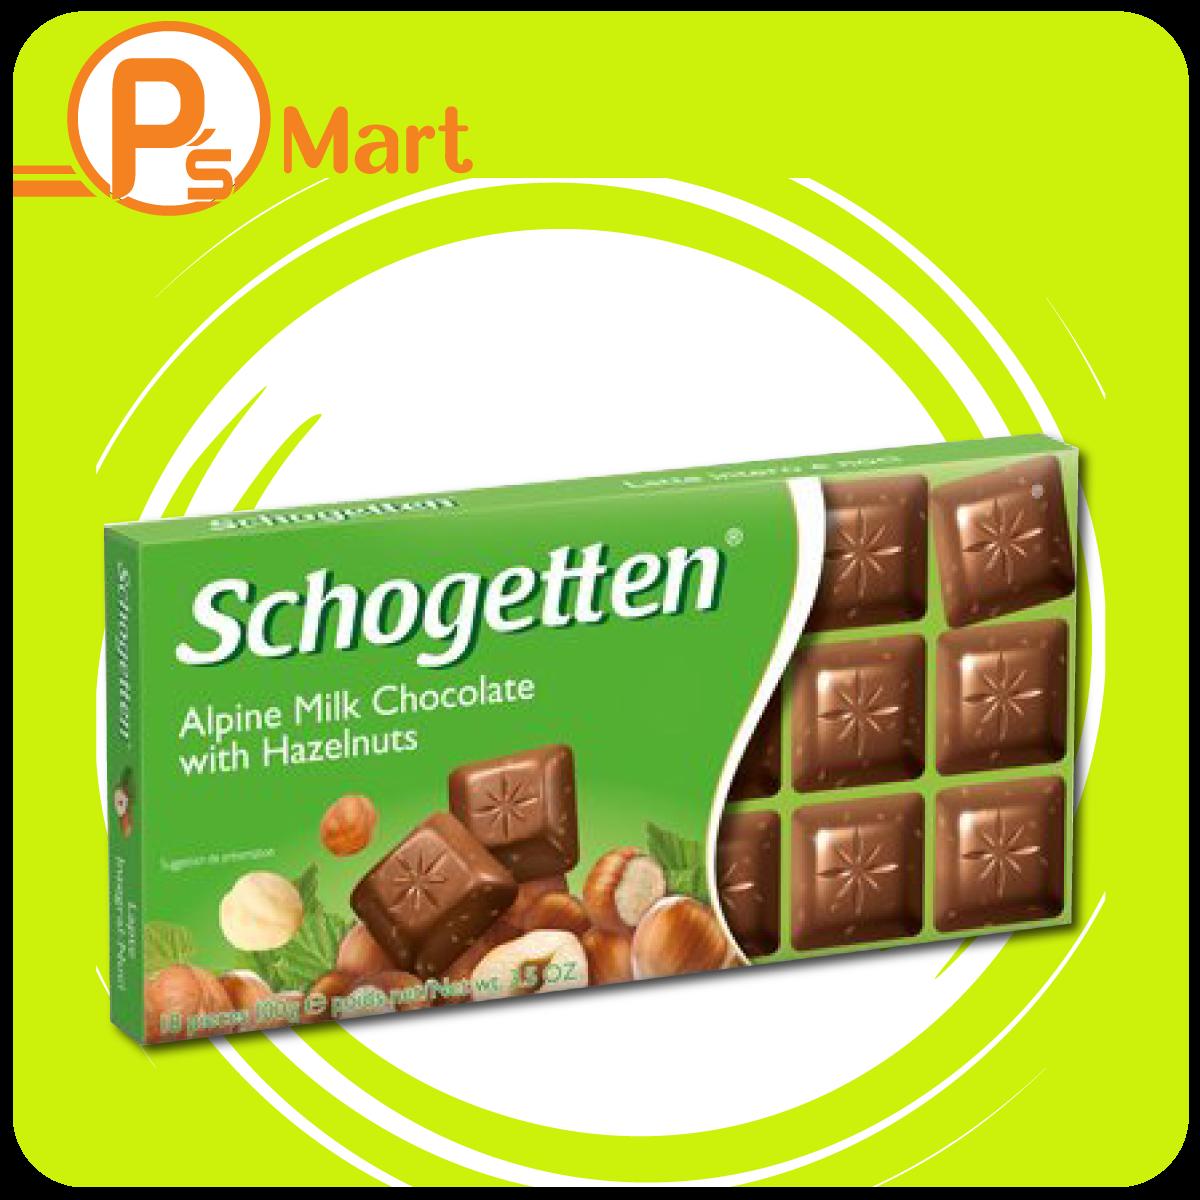 Schogetten German Milk Chocolate with Hazelnut Pieces